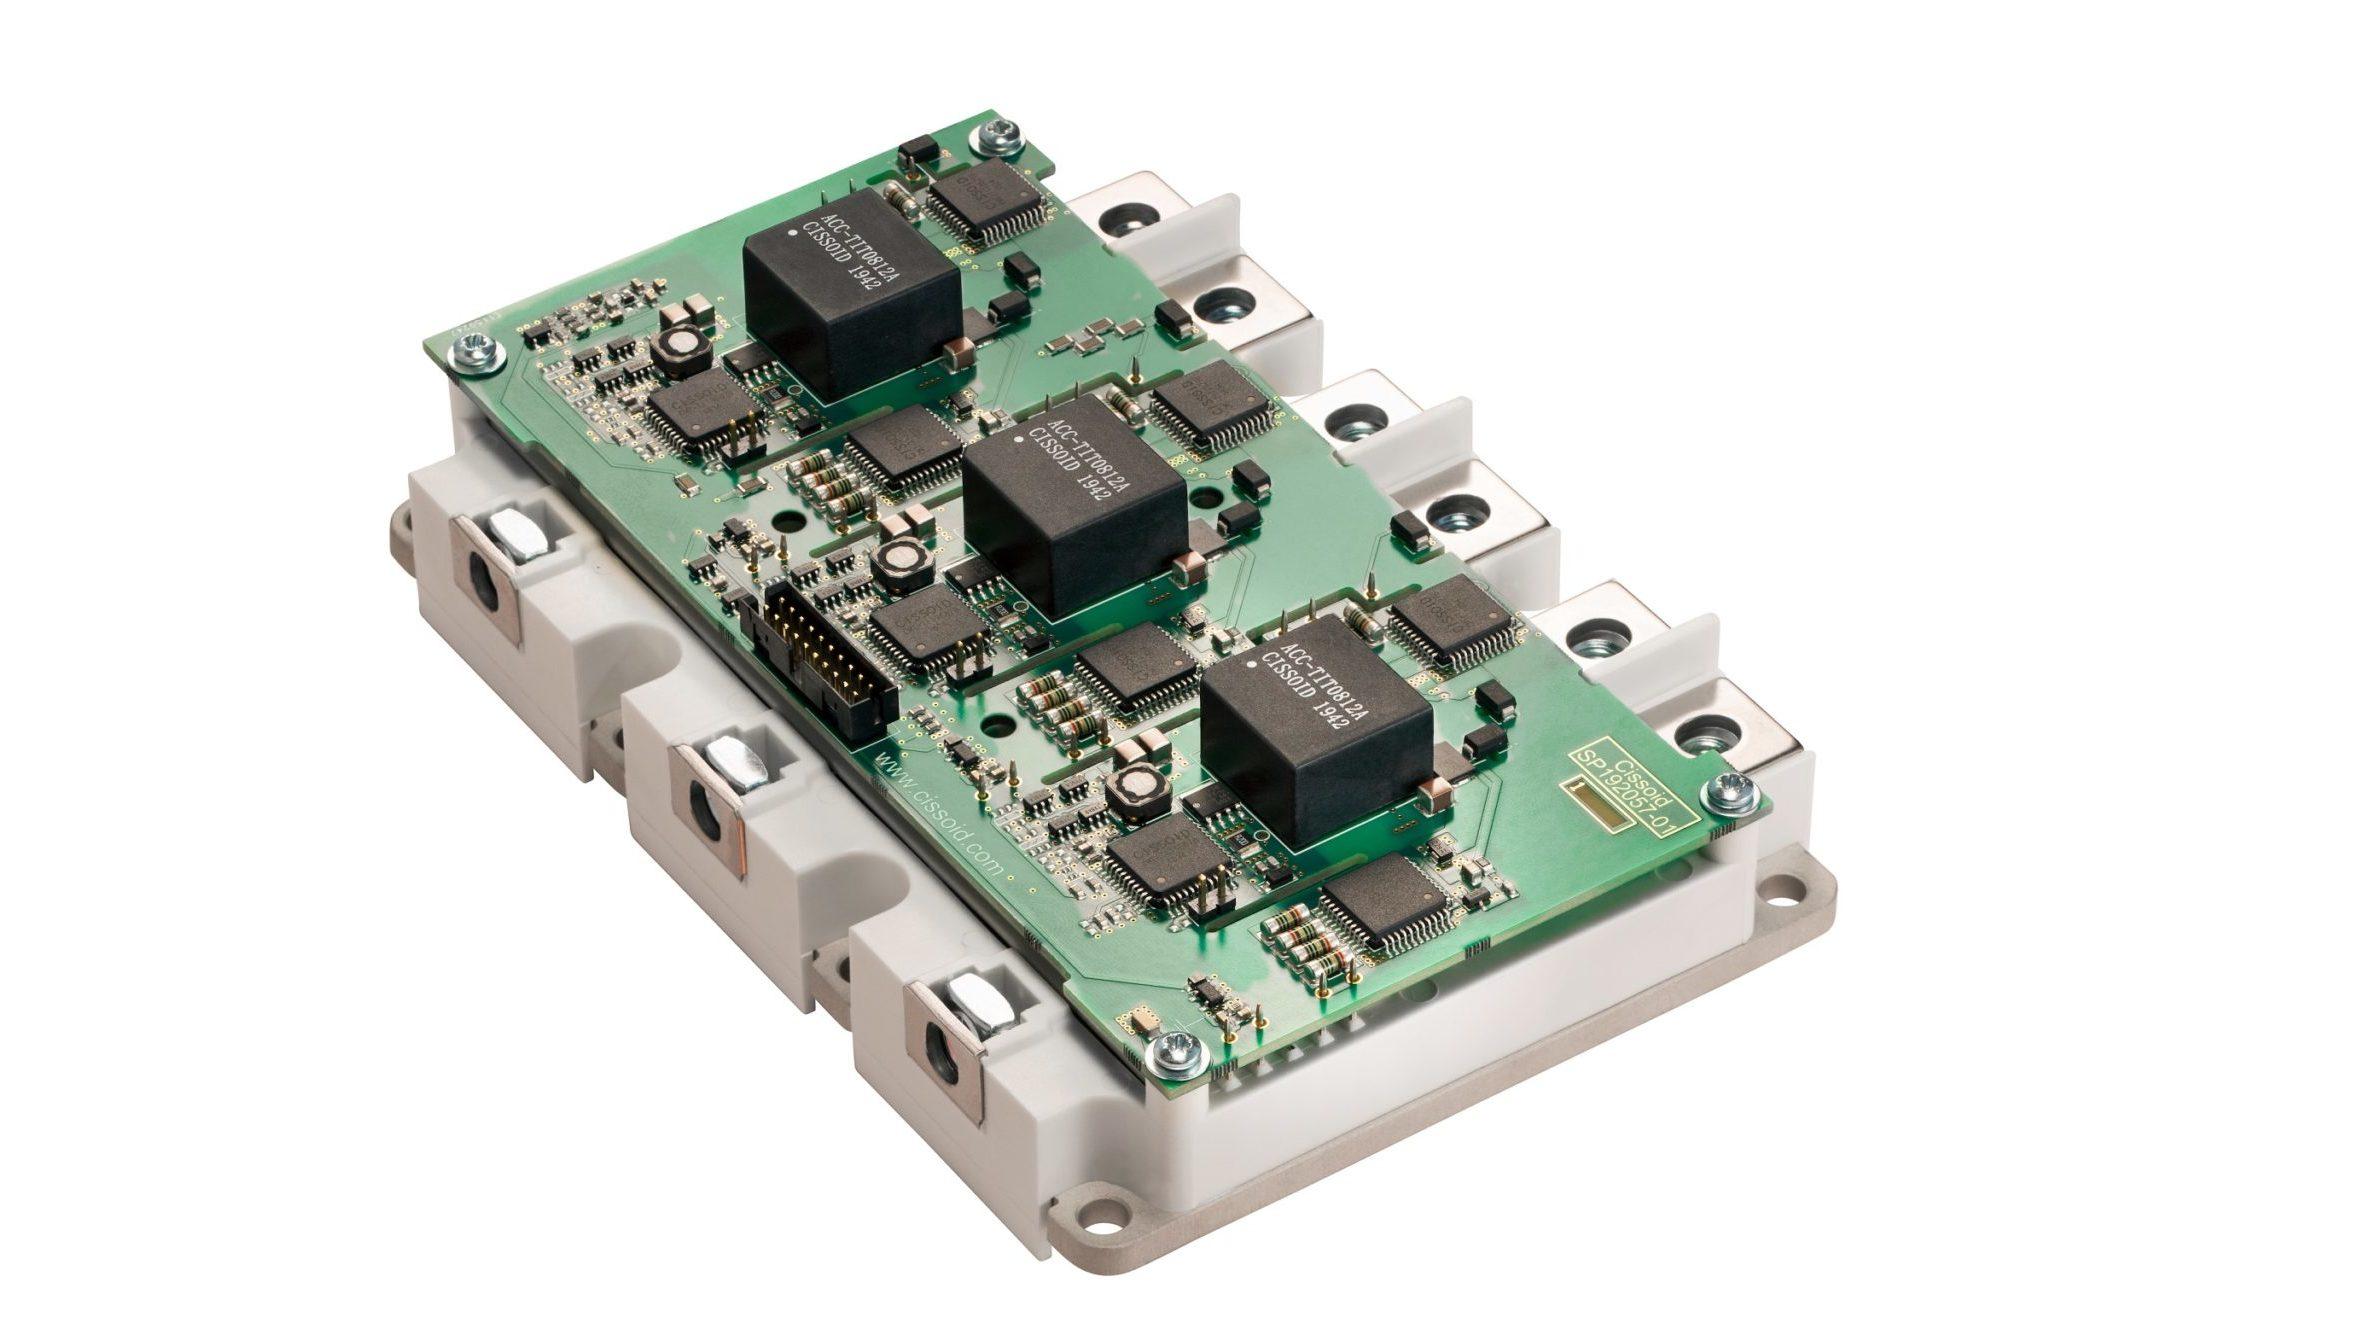 CISSOID announces 3-Phase SiC MOSFET Intelligent Power Module for E-mobility